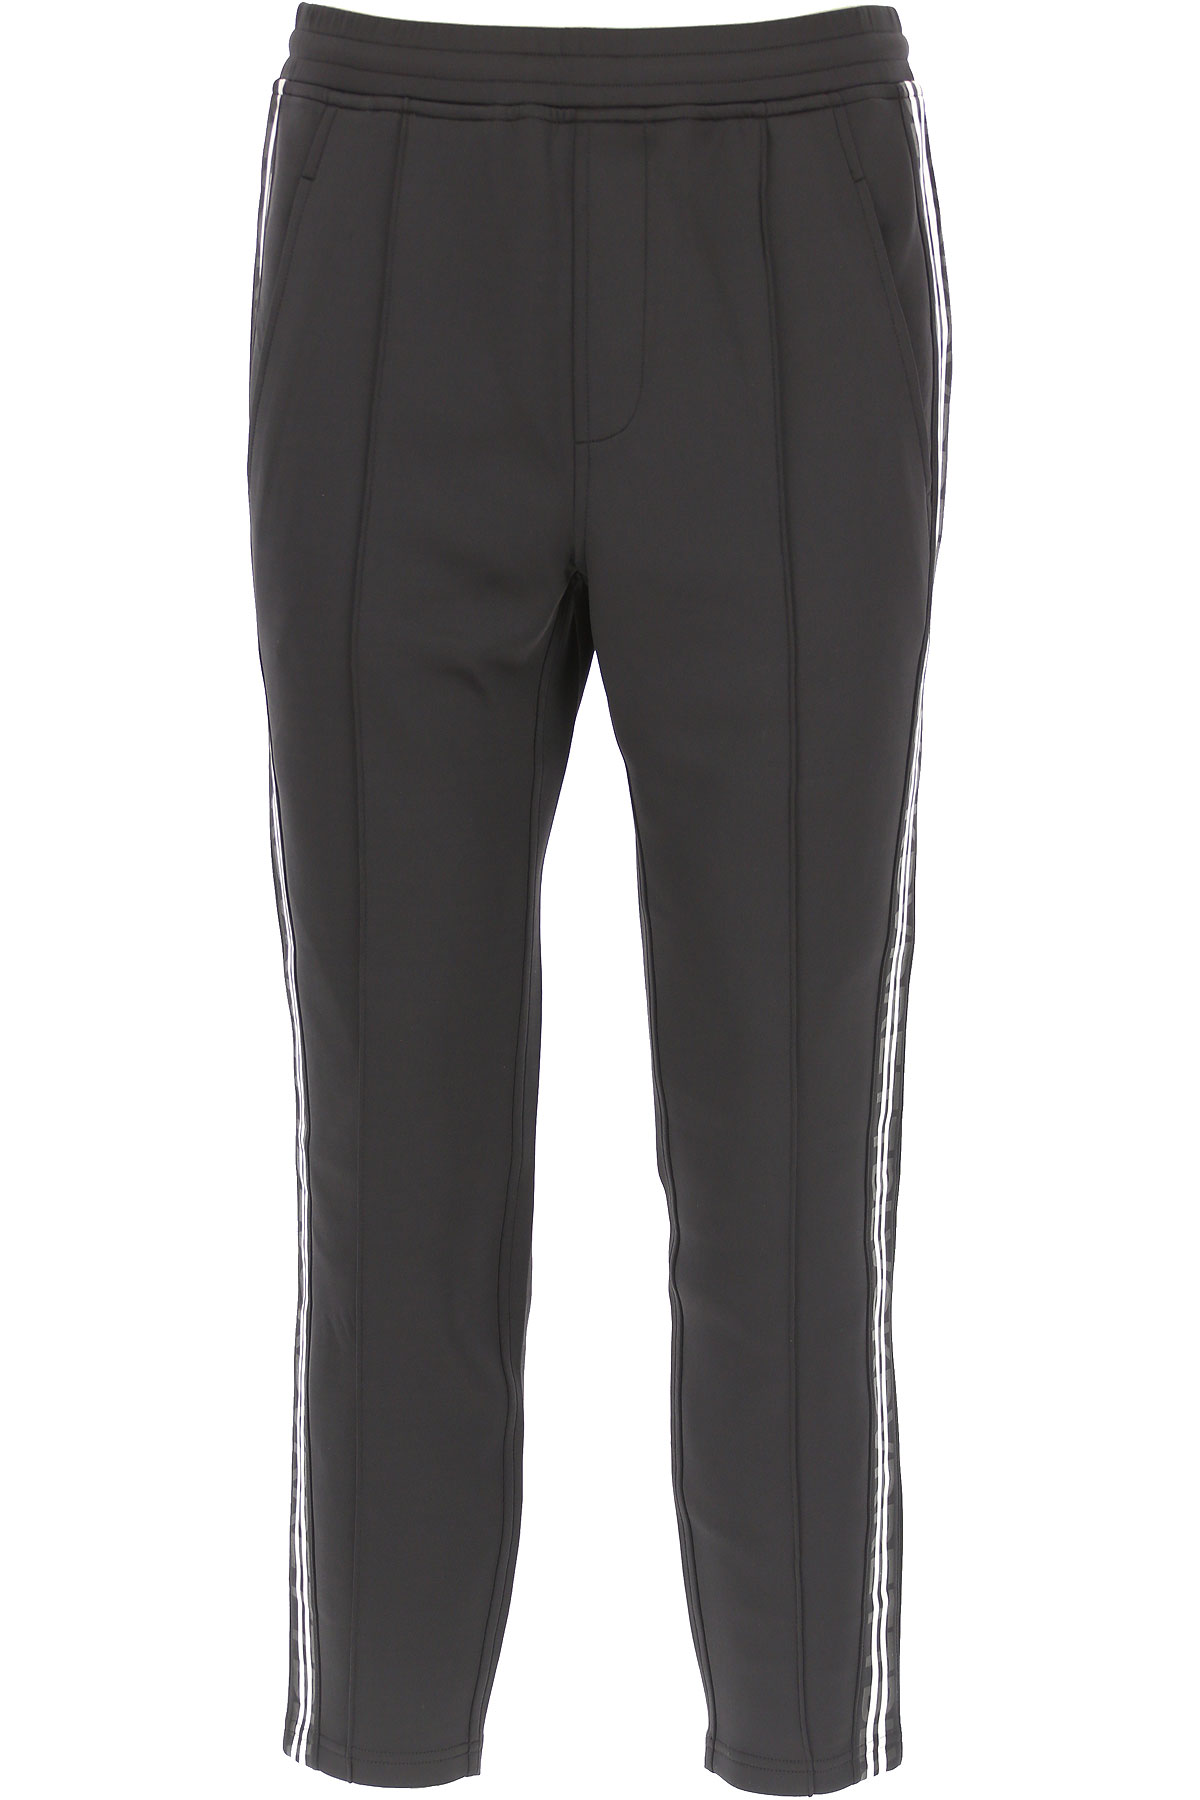 BlackBarrett Sweatpants On Sale, Black, polyester, 2019, L M S XL